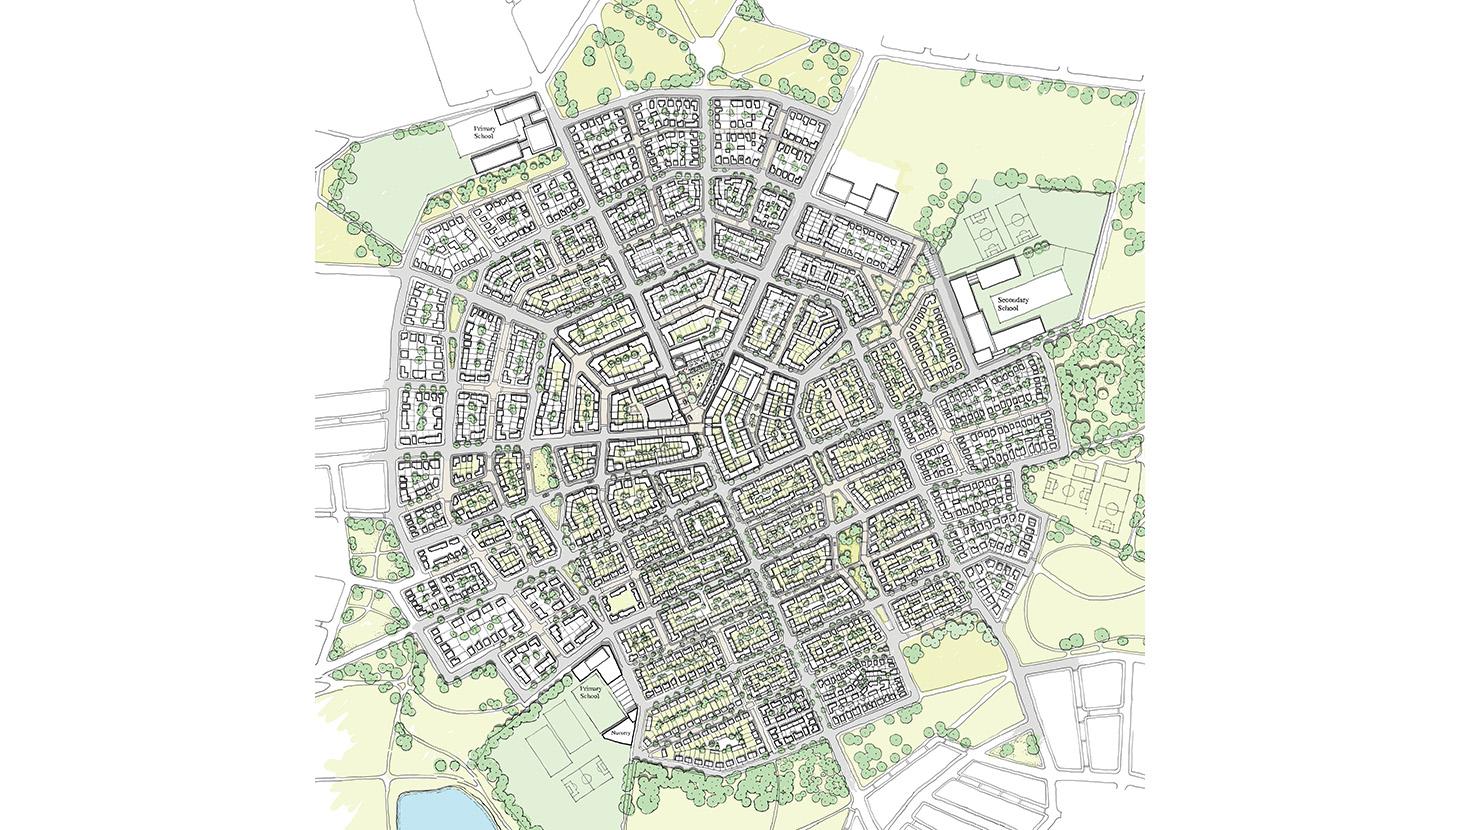 Uxcester Neighbourhood